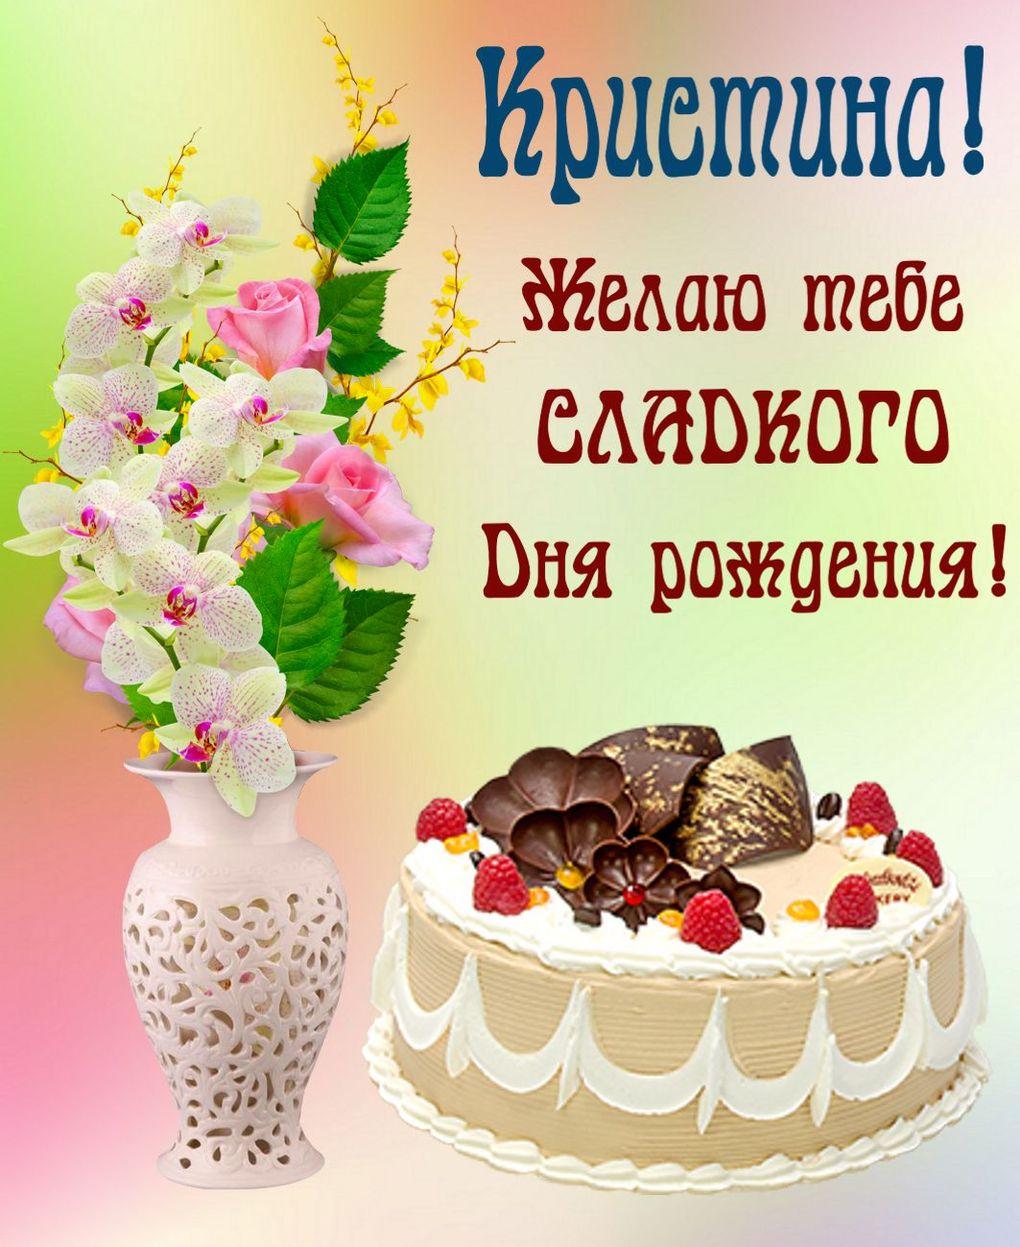 Картинки с надписью кристина с днем рождения